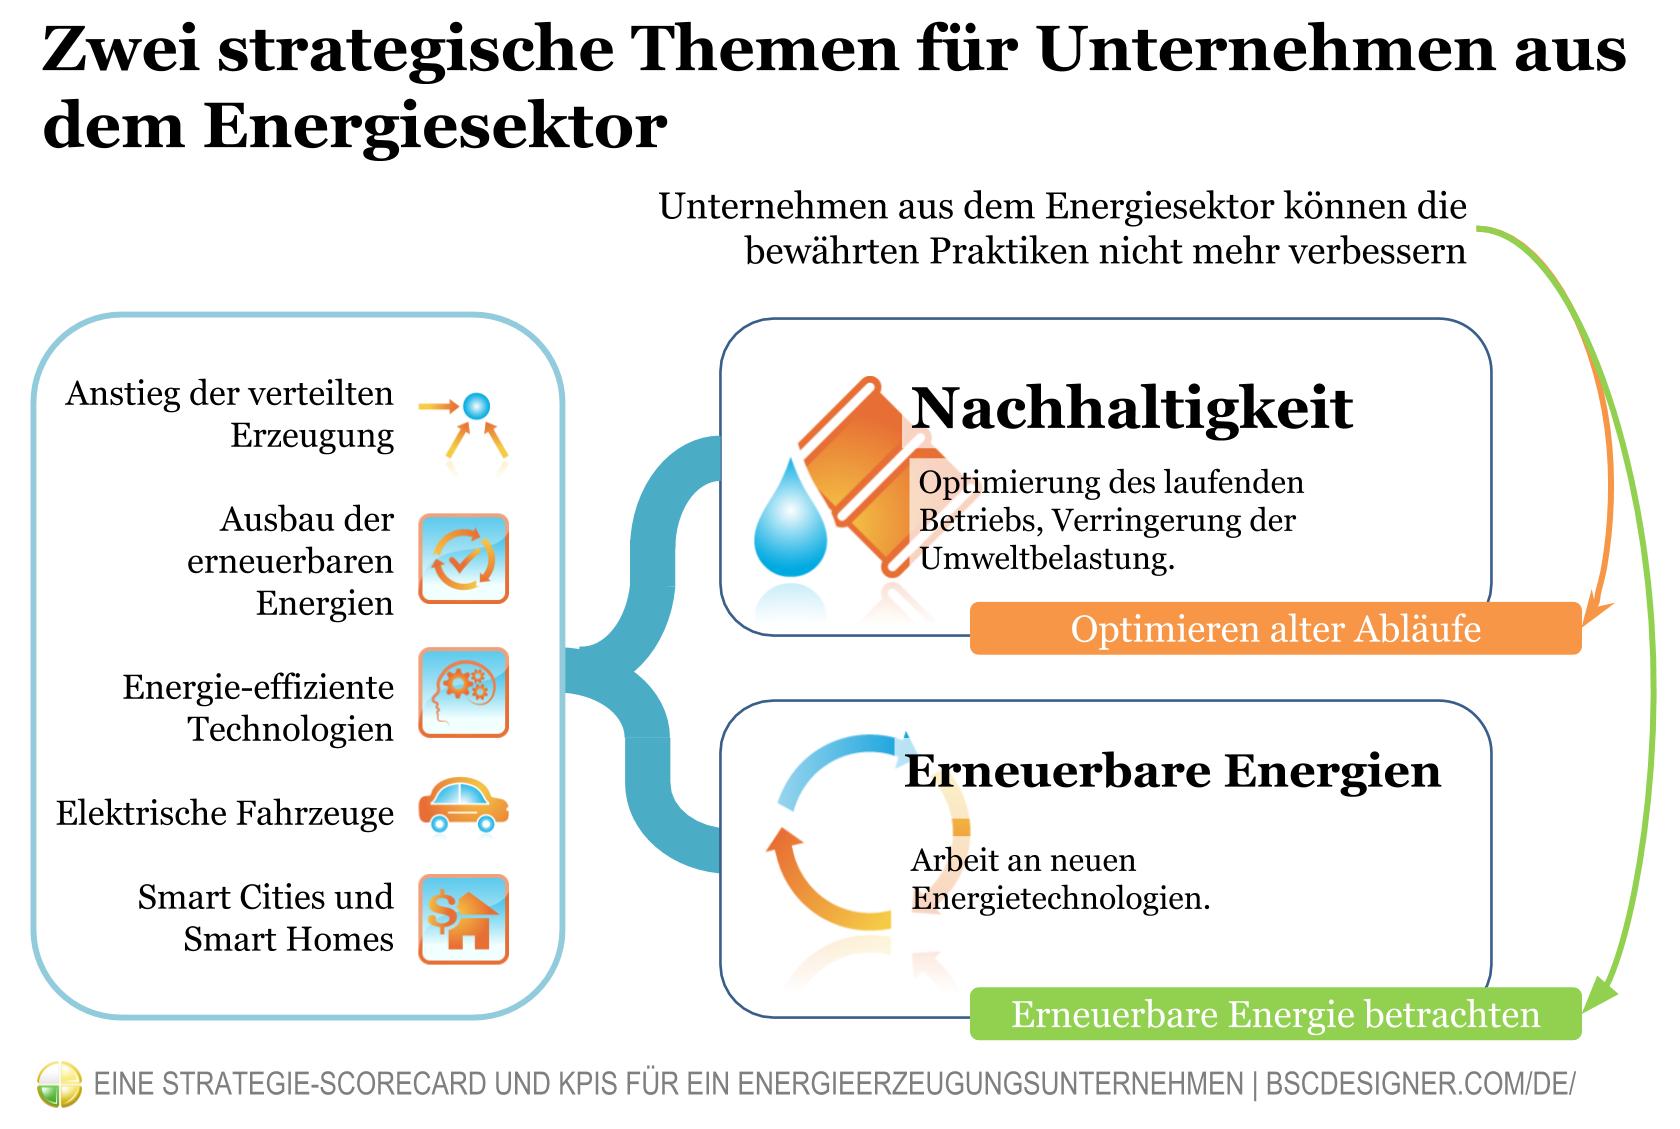 Zwei strategische Themen für Unternehmen aus dem Energiesektor